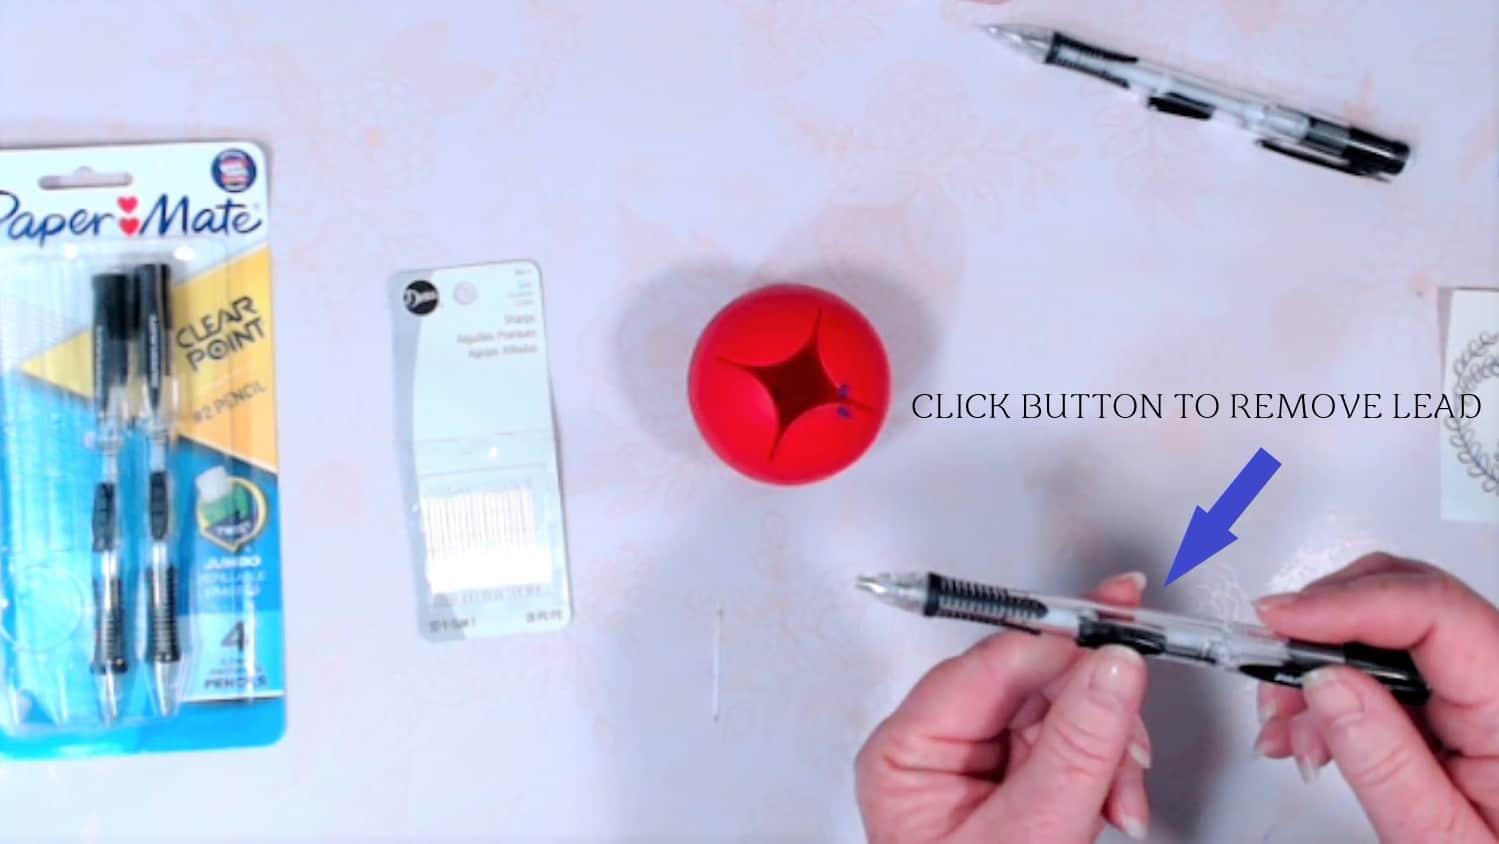 click button to remove lead